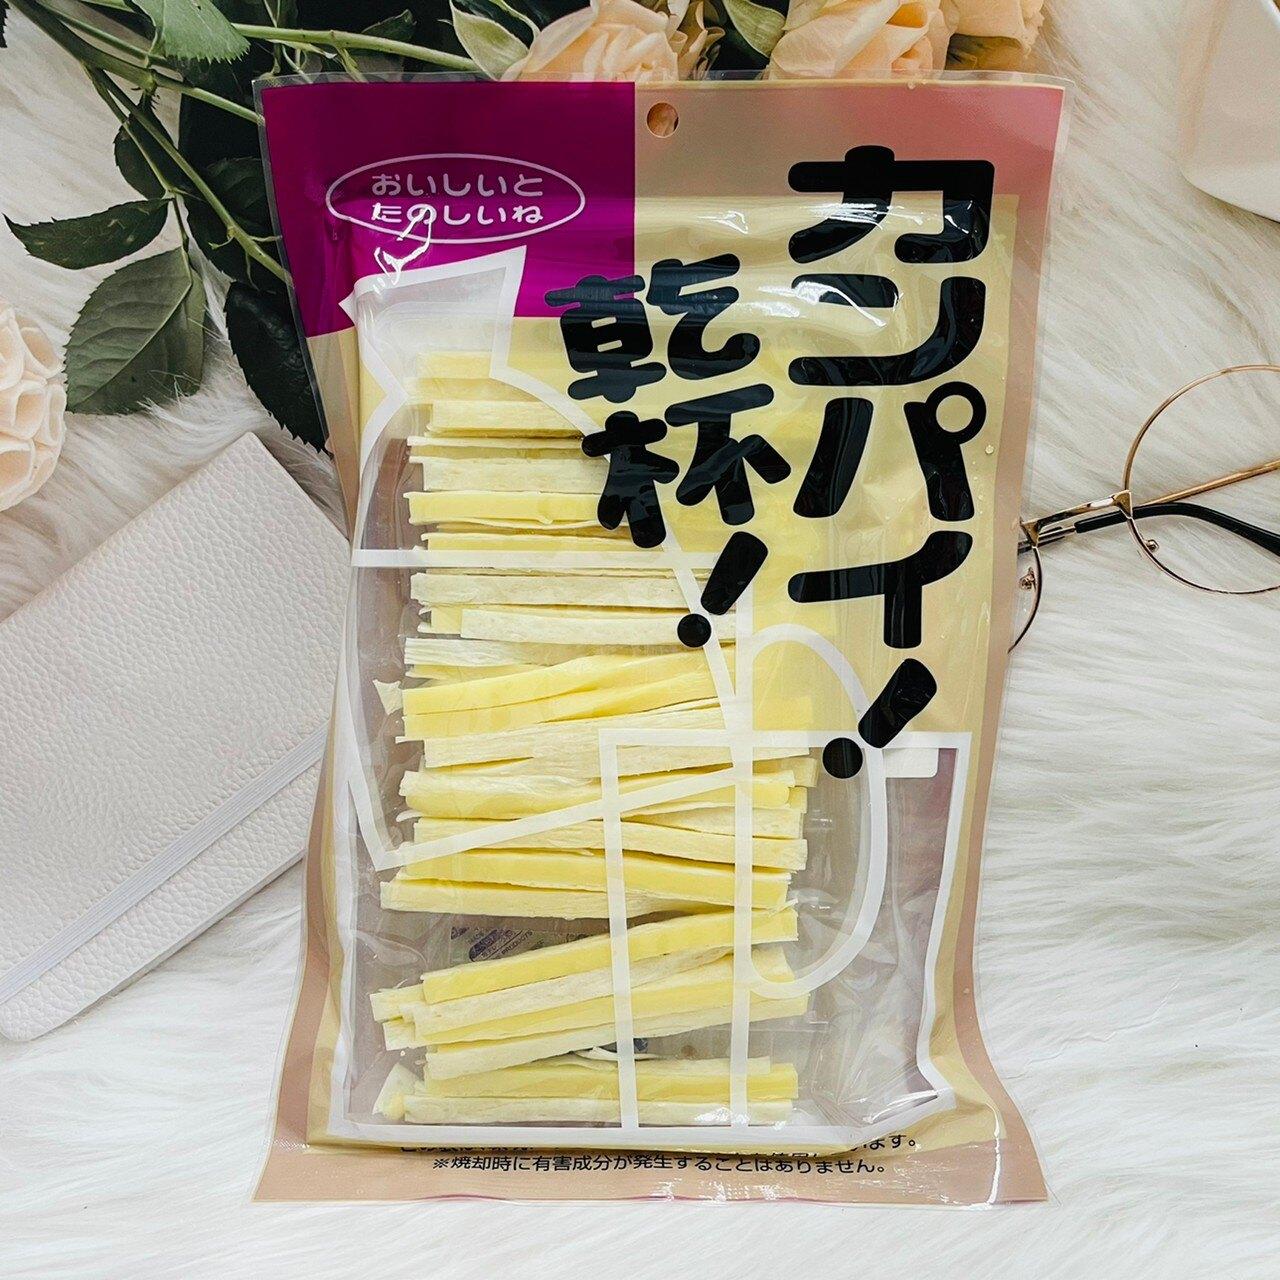 日本 乾杯 ORSON 鱈魚起司條 起士條 乳酪條 145g